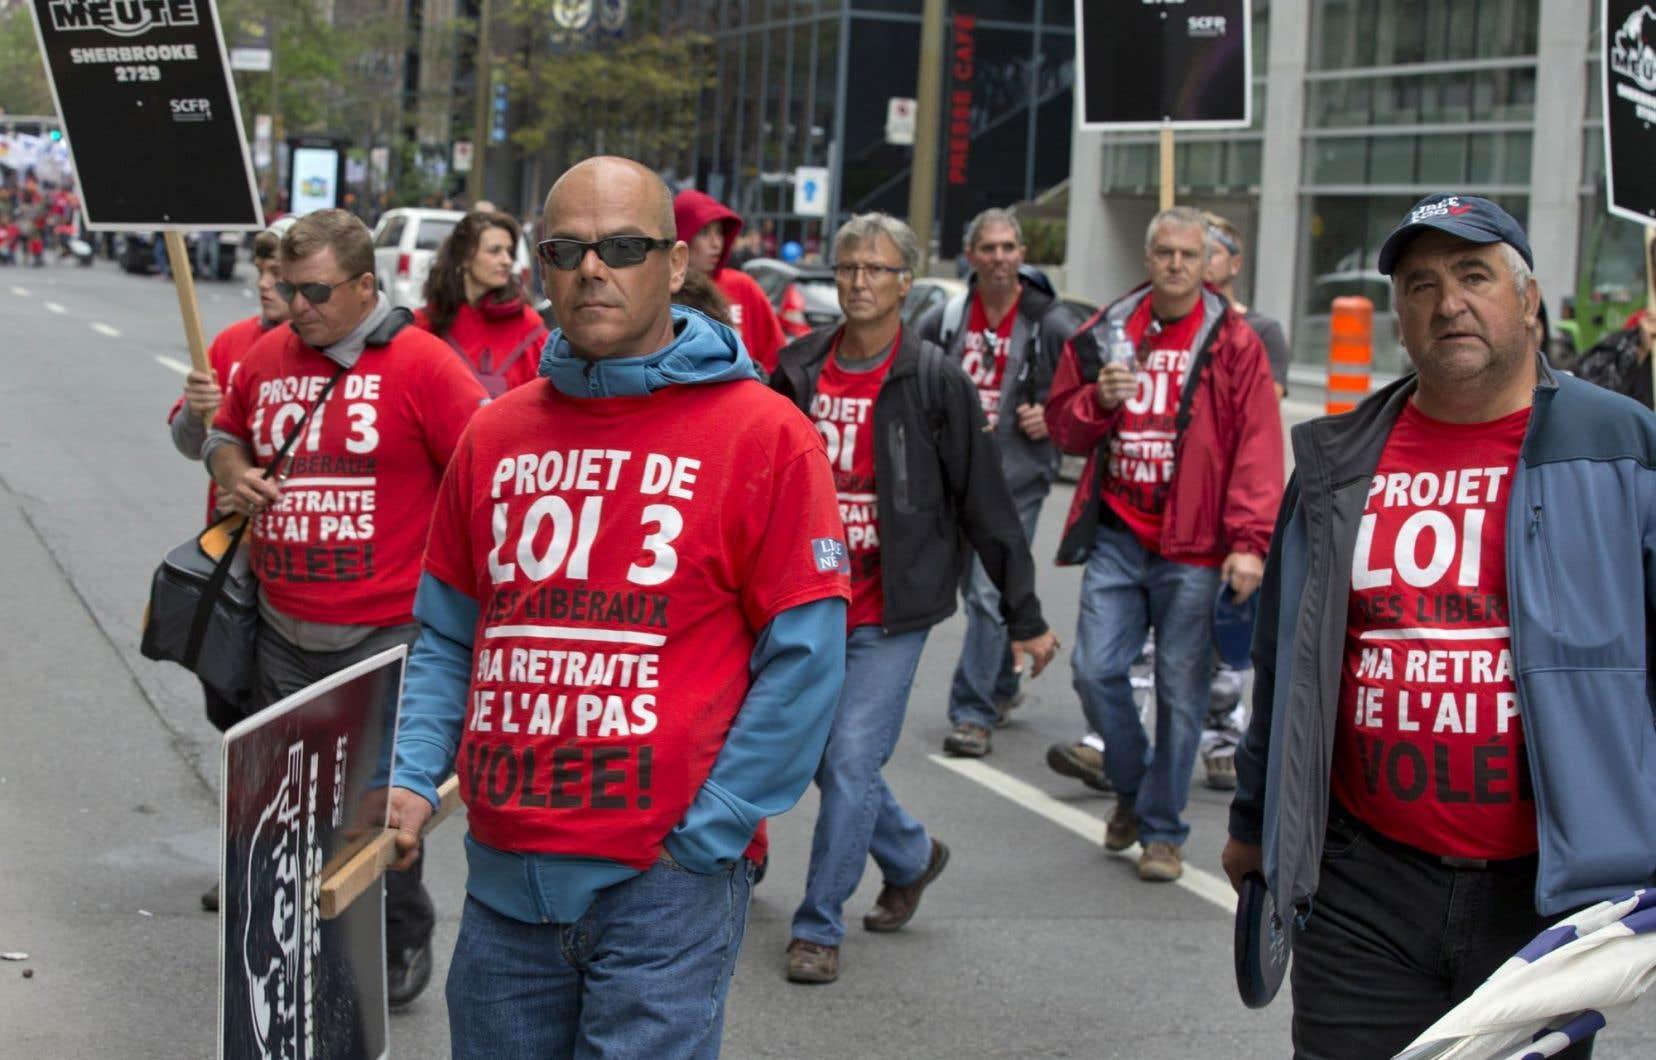 Reste à savoir si l'Association contestera seule la loi sur les régimes de retraite des villes ou si elle s'associera avec d'autres associations ou syndicats.